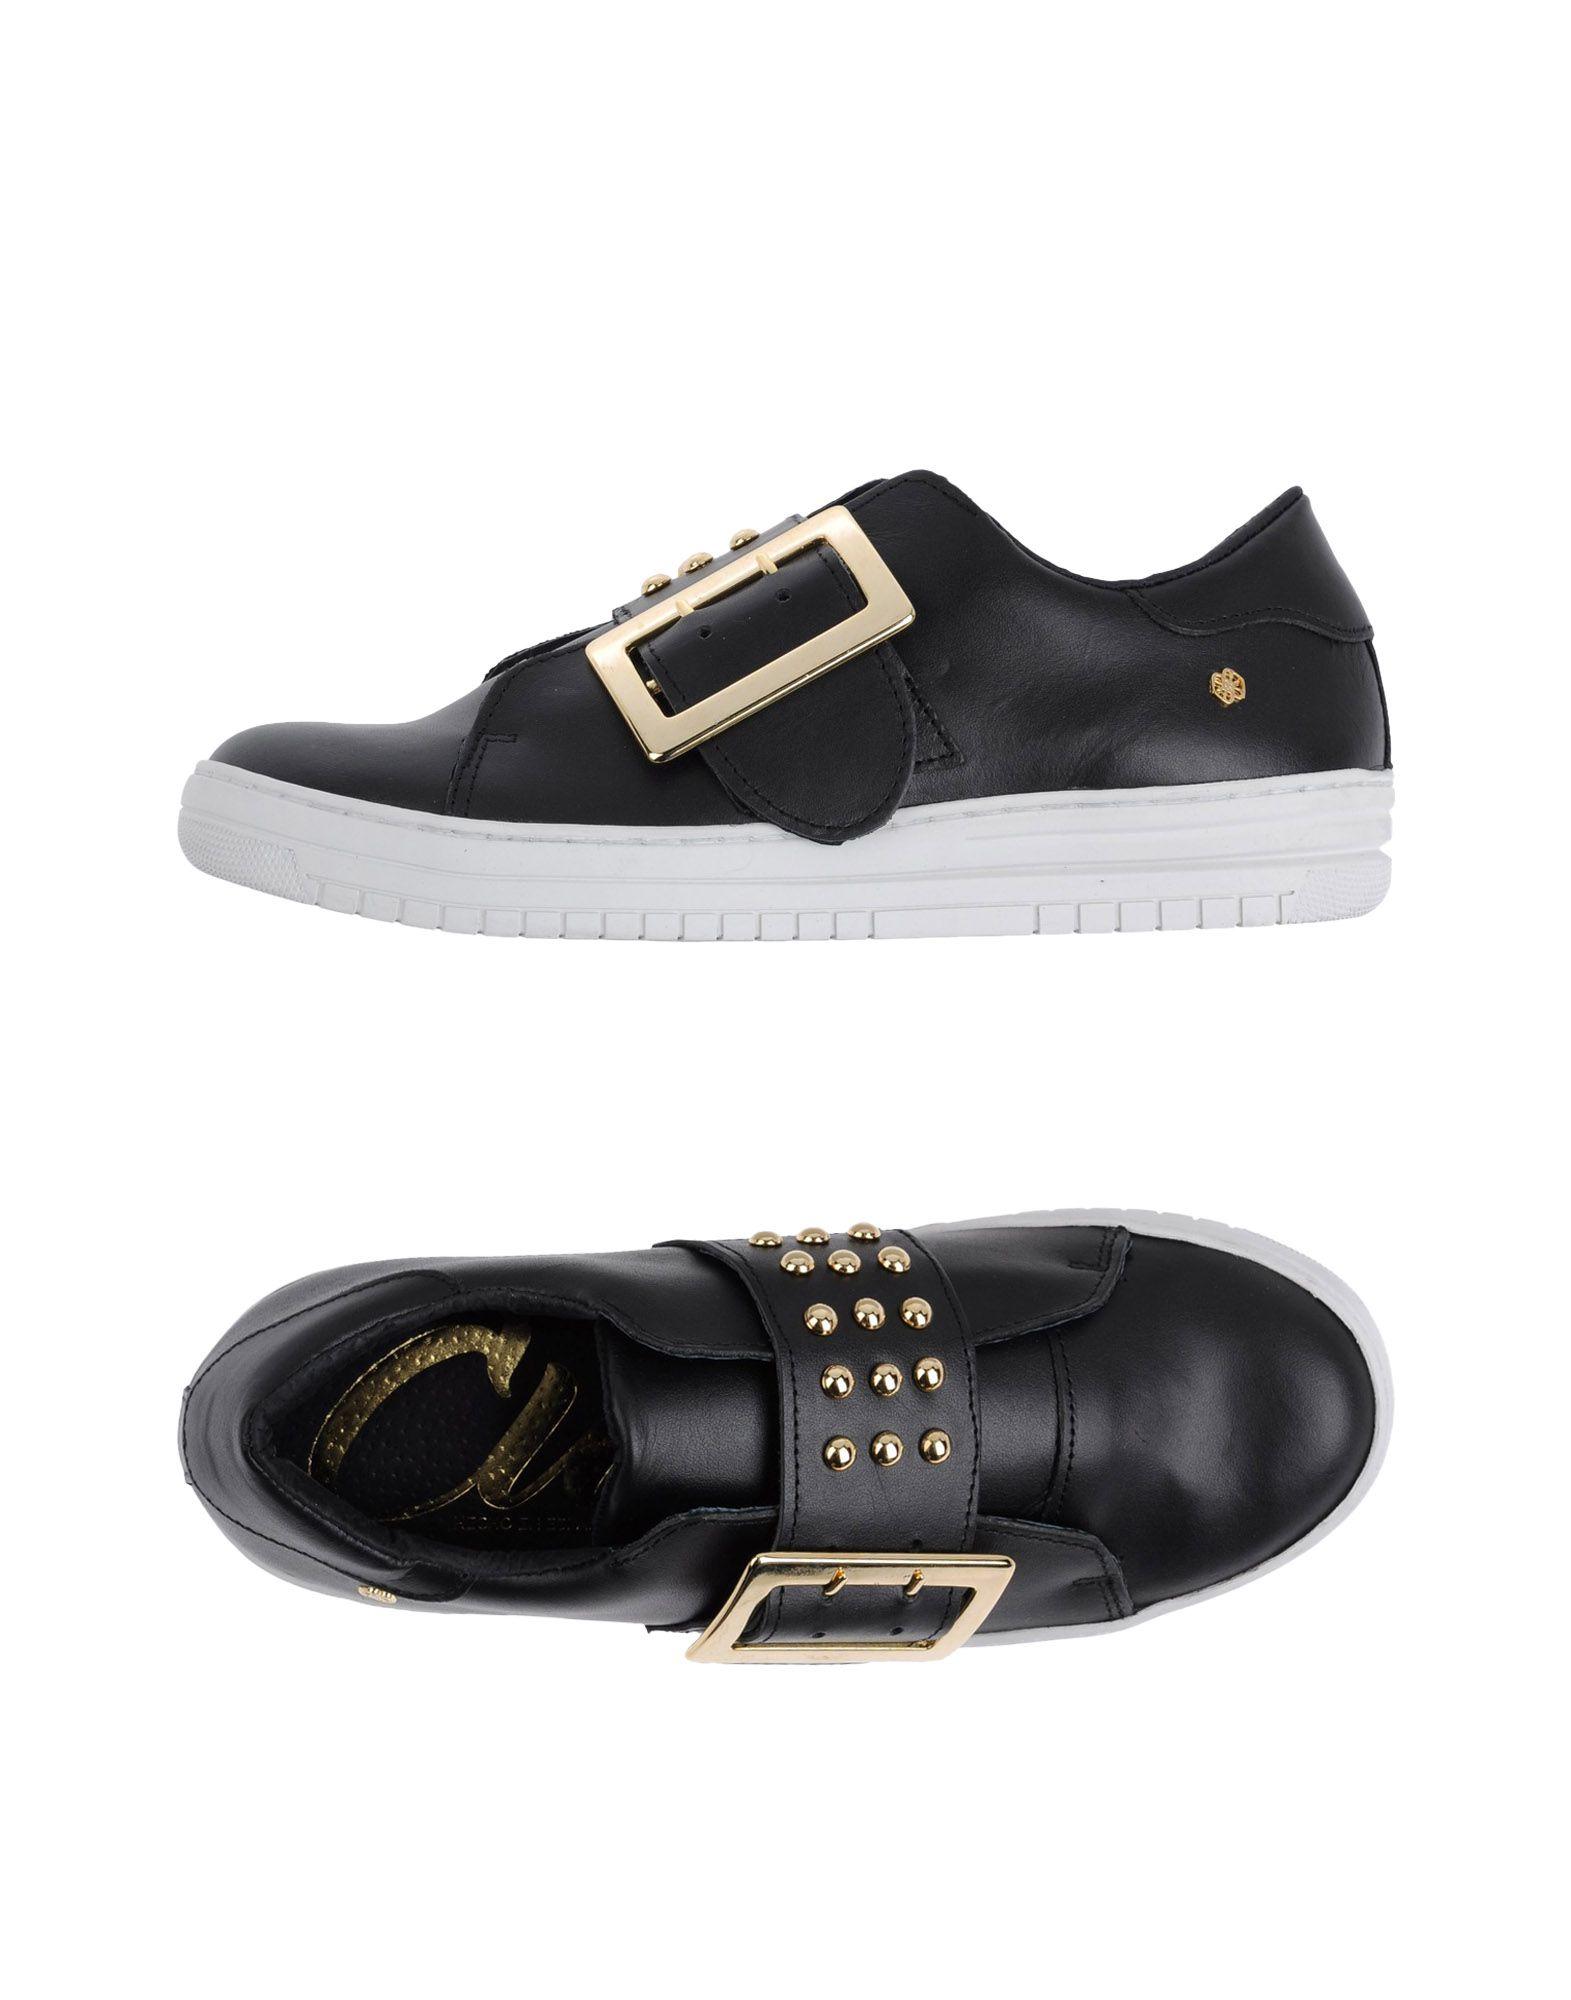 Sneakers Cuplé Donna - 11315519KV Scarpe economiche e buone